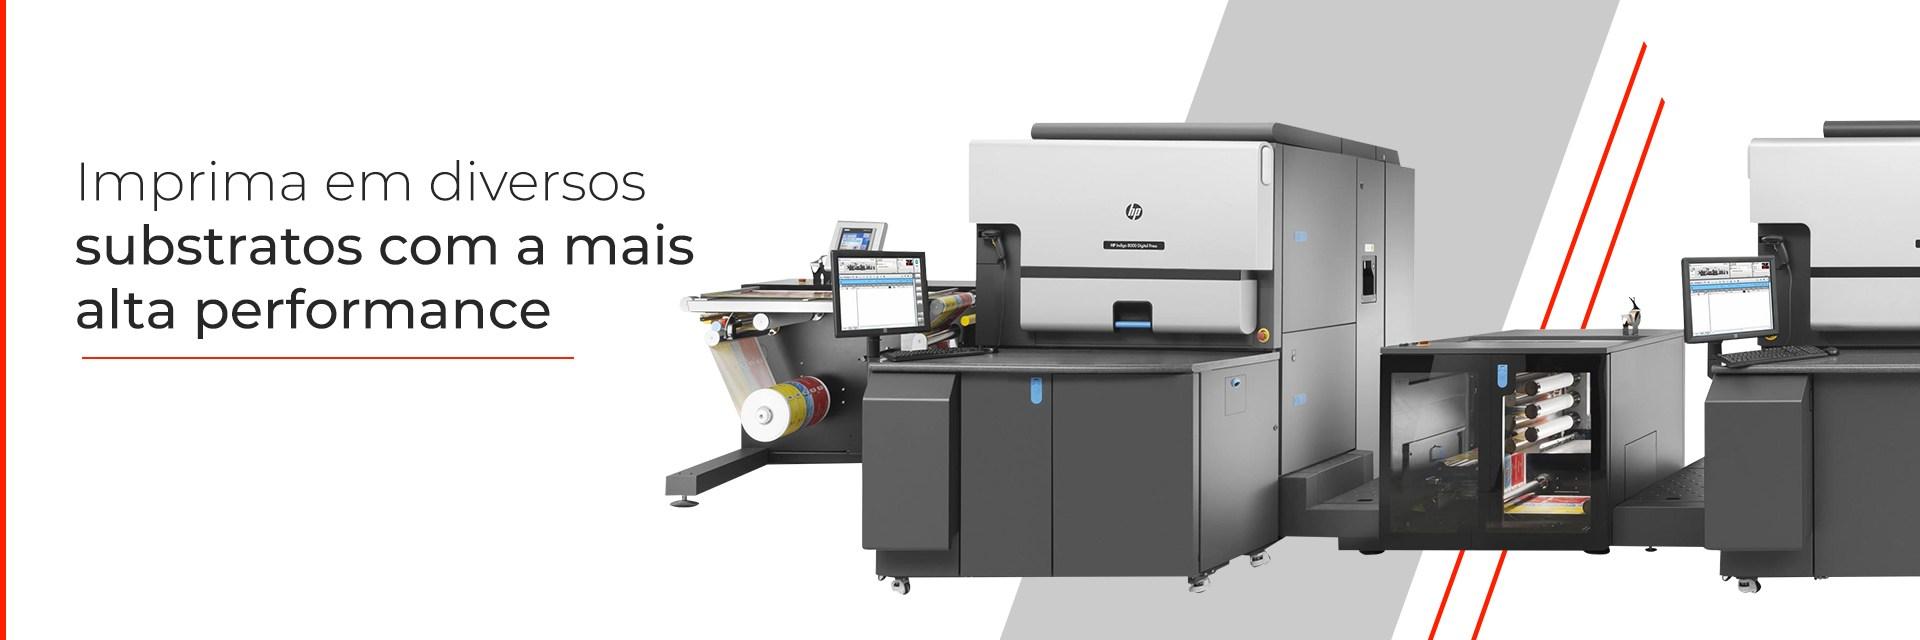 Impressora HP Indigo 8000